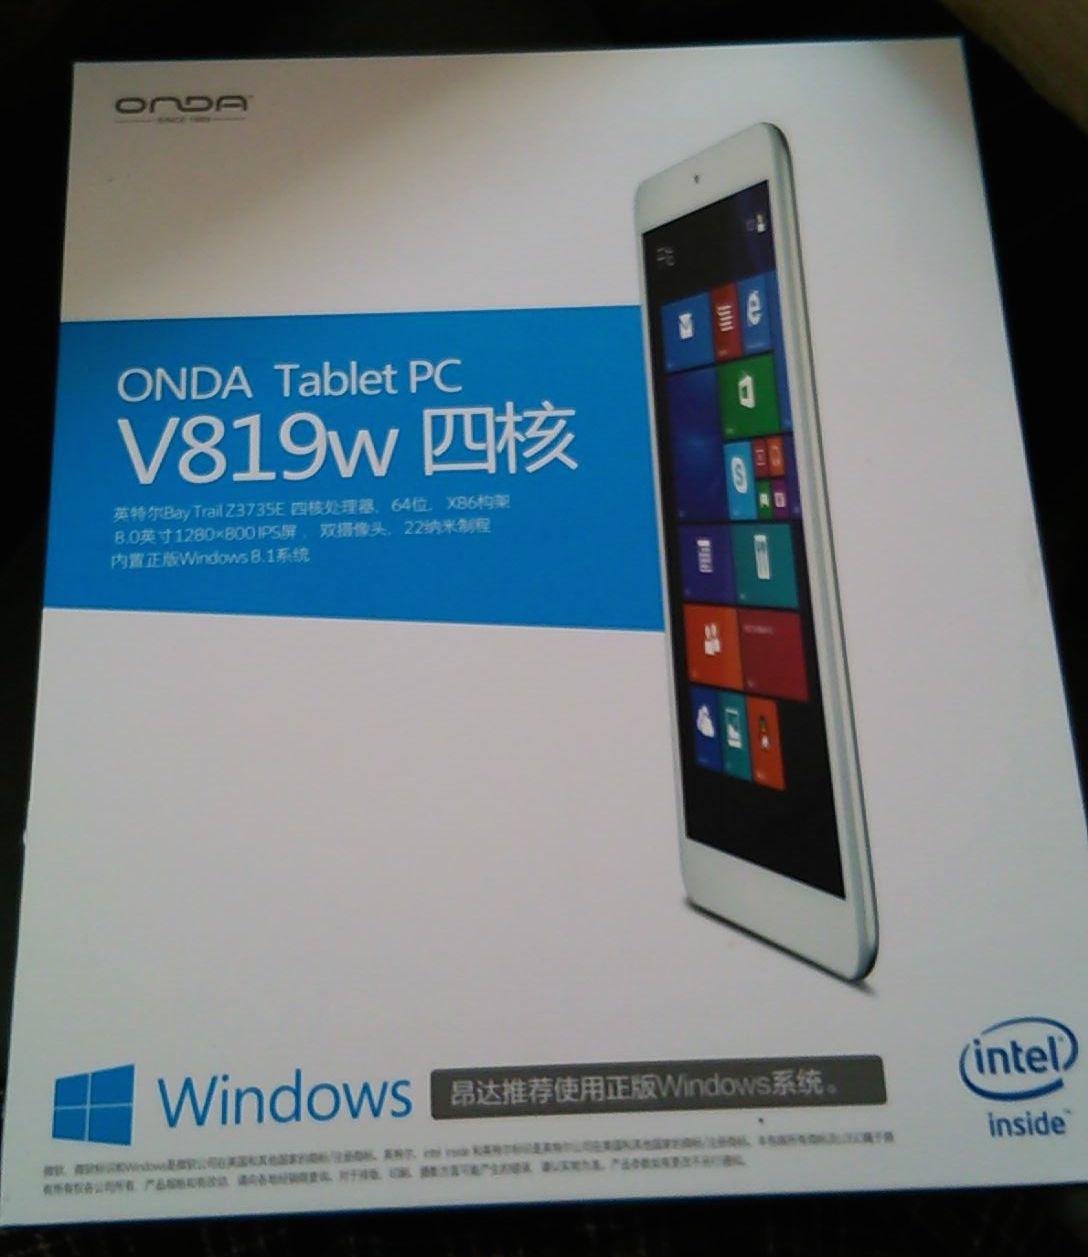 激安中華Windowsタブレット「ONDA V819W」レビュー